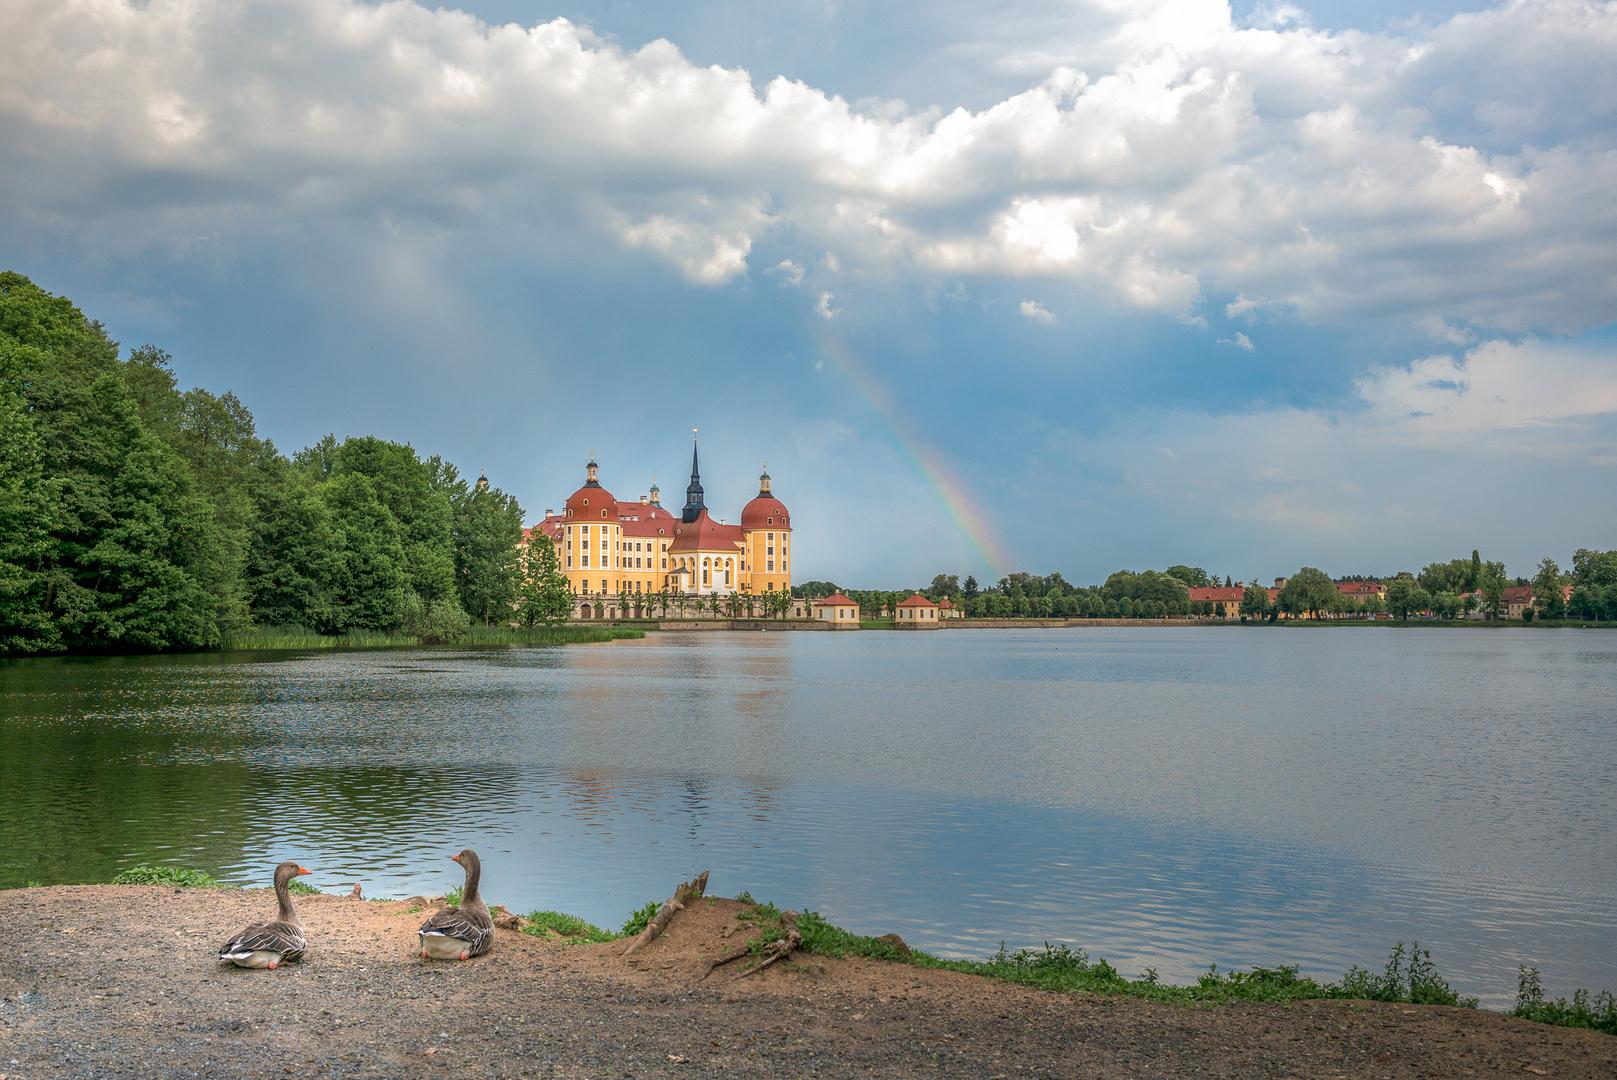 Enten lieben auch Regenbogen...